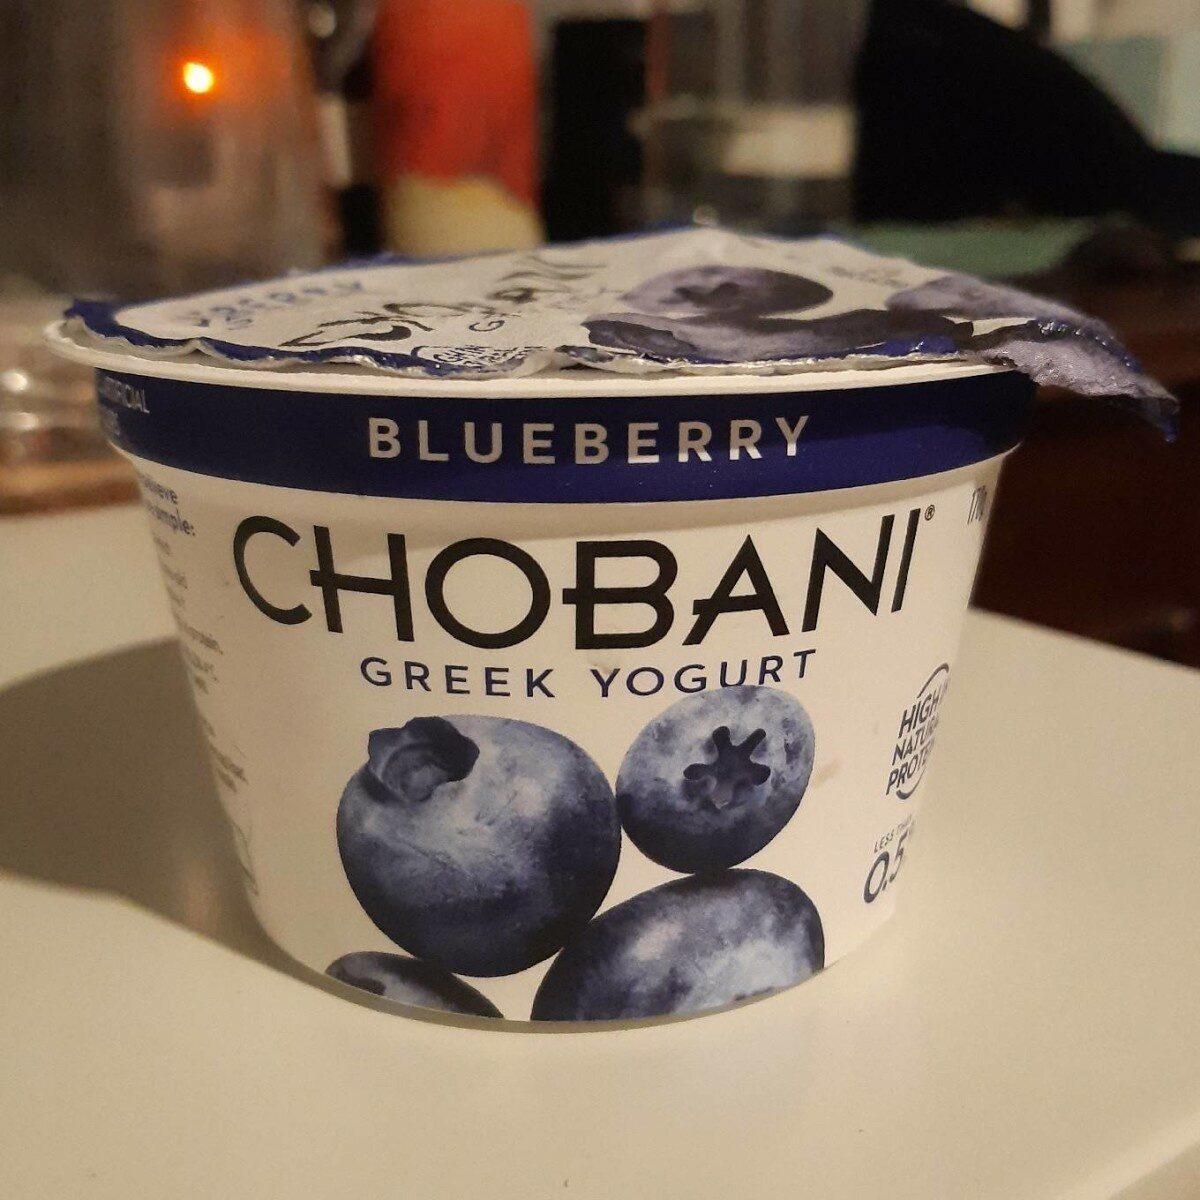 Blueberry Greek Yogurt - Product - en